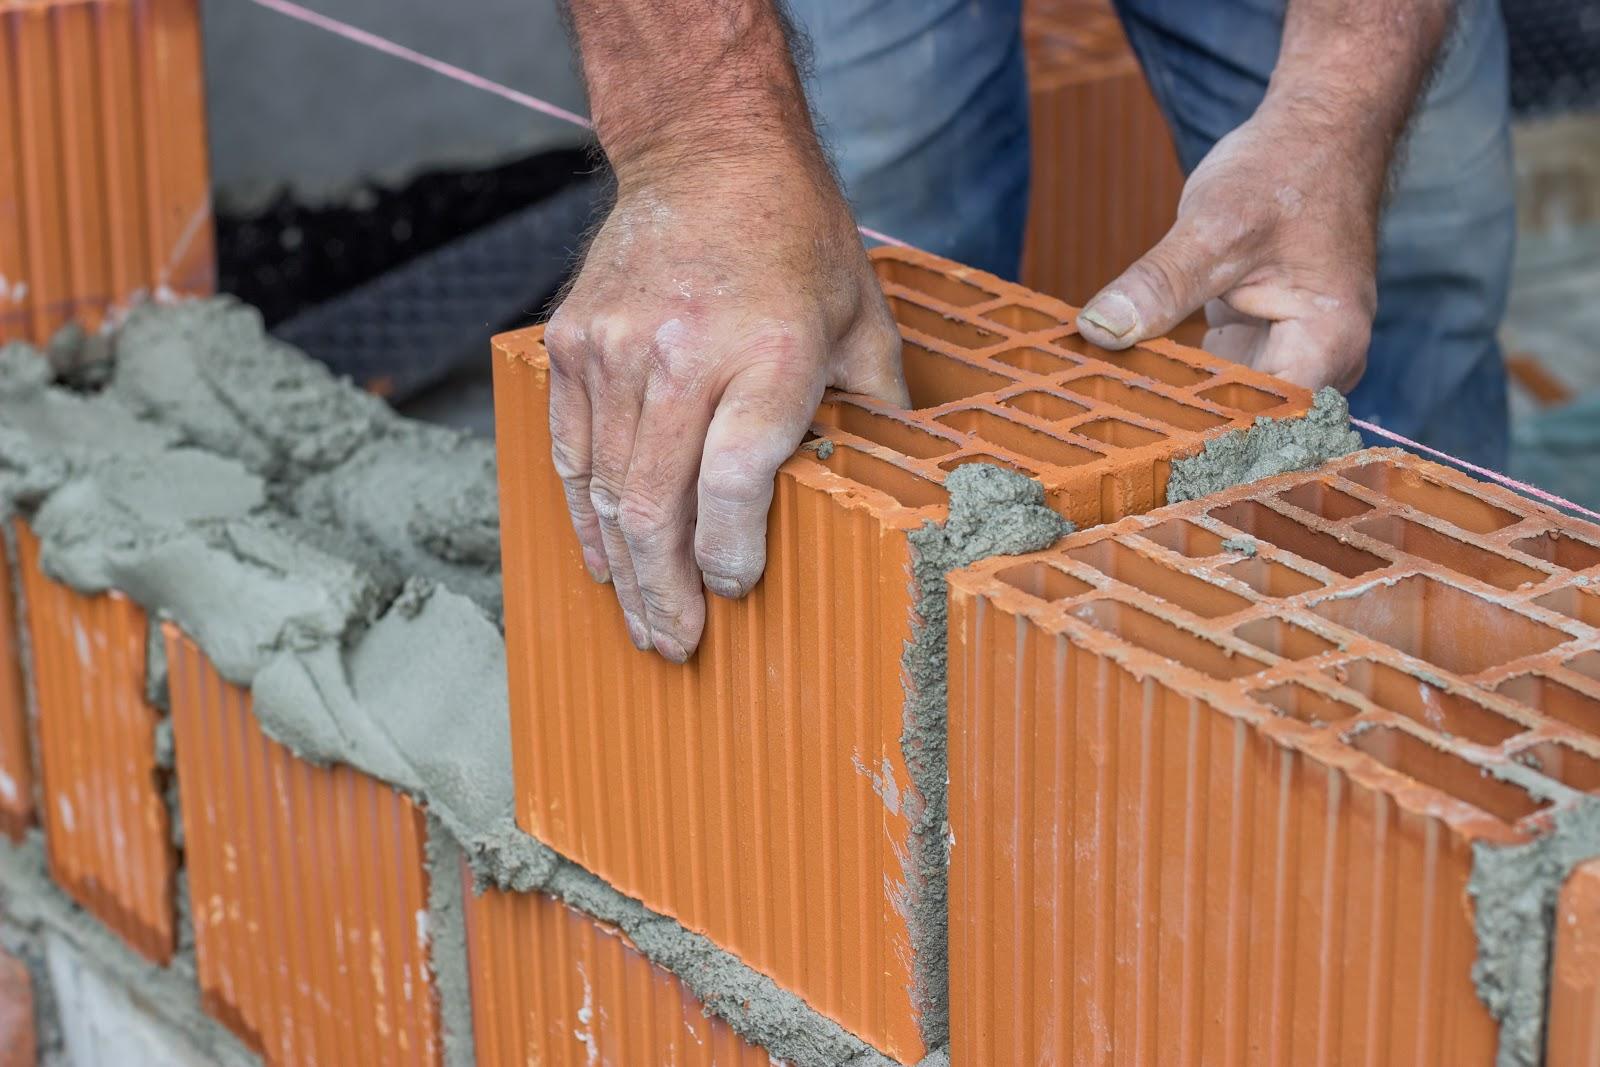 Caramida cu goluri nu se foloseste la peretii structurali